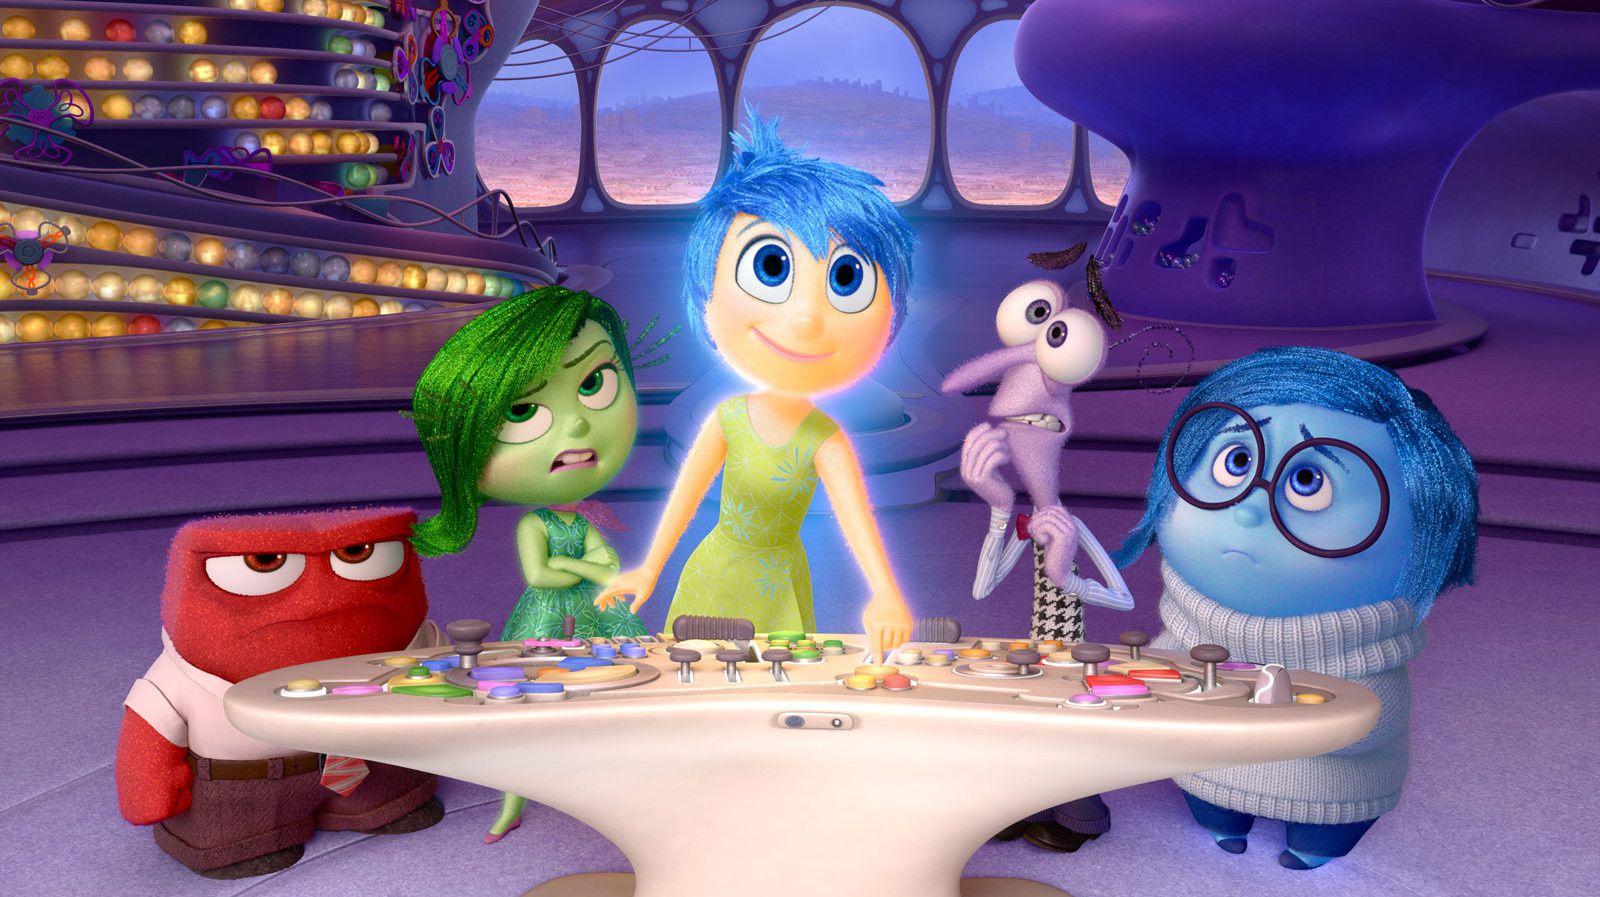 """Le nouveau film d'animation de Pixar-Disney a été accueilli par un tonnerre d'applaudissement lors de sa première projection lundi à Cannes. C'est mérité ! Peter Docter (""""Là Haut"""", """"Monstres et Cie"""") et son équipe ont réussi à conjuguer créativité et humour pour cette plongée inédite dans les émotions d'une petite fille."""